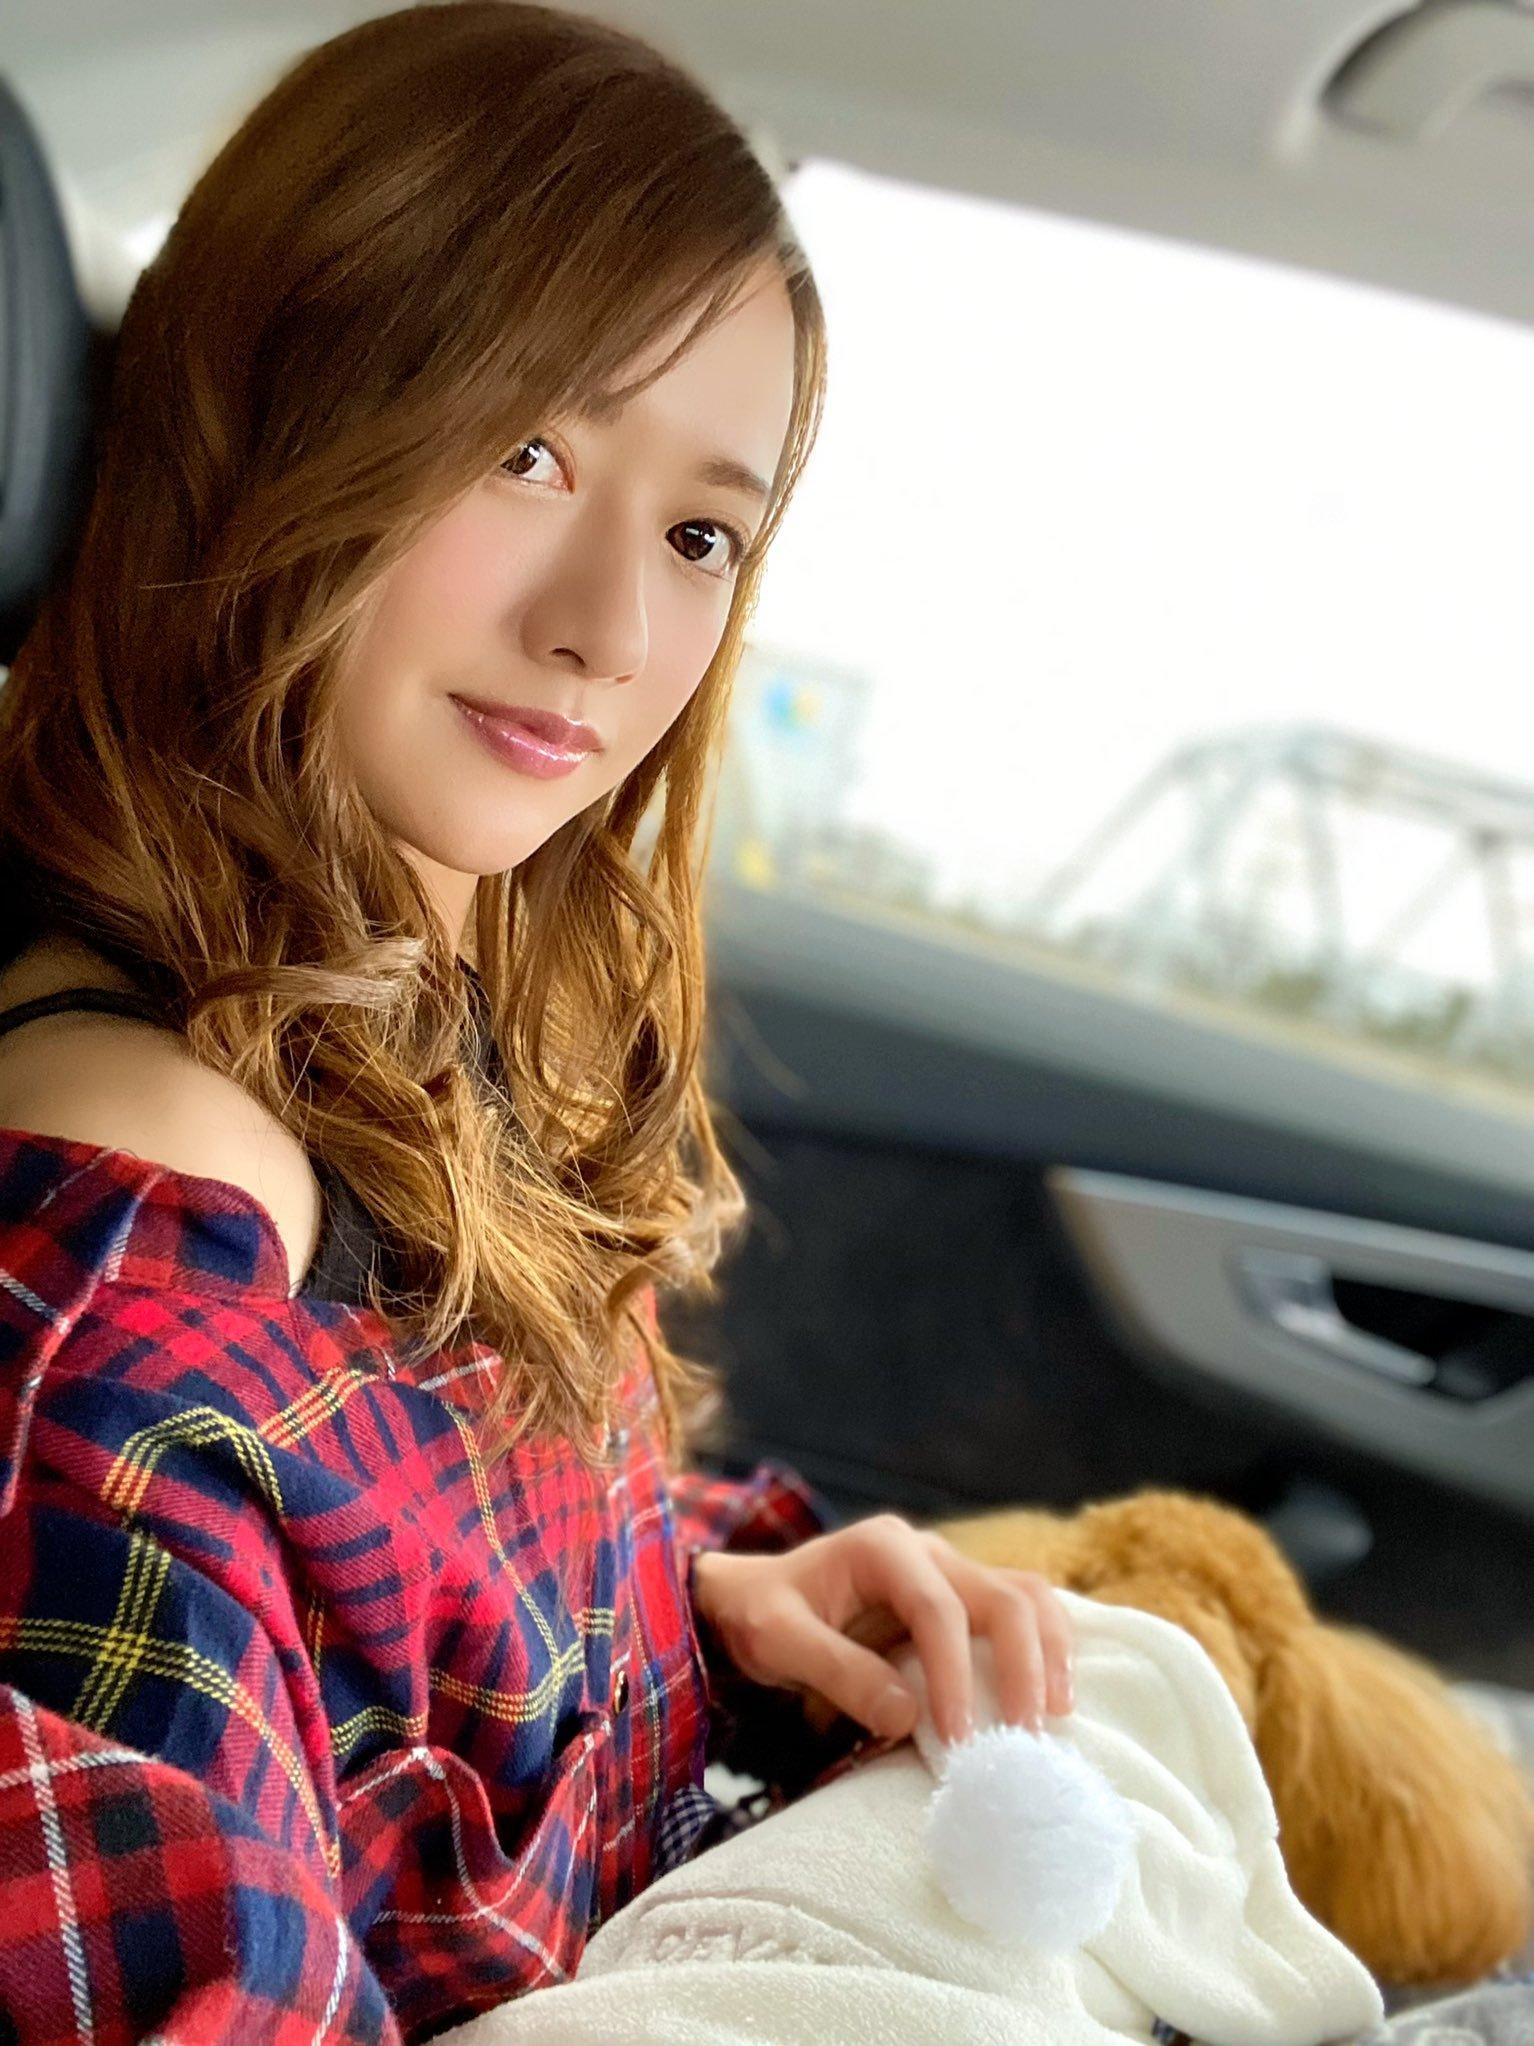 airi_kijima 1243644973448179712_p1